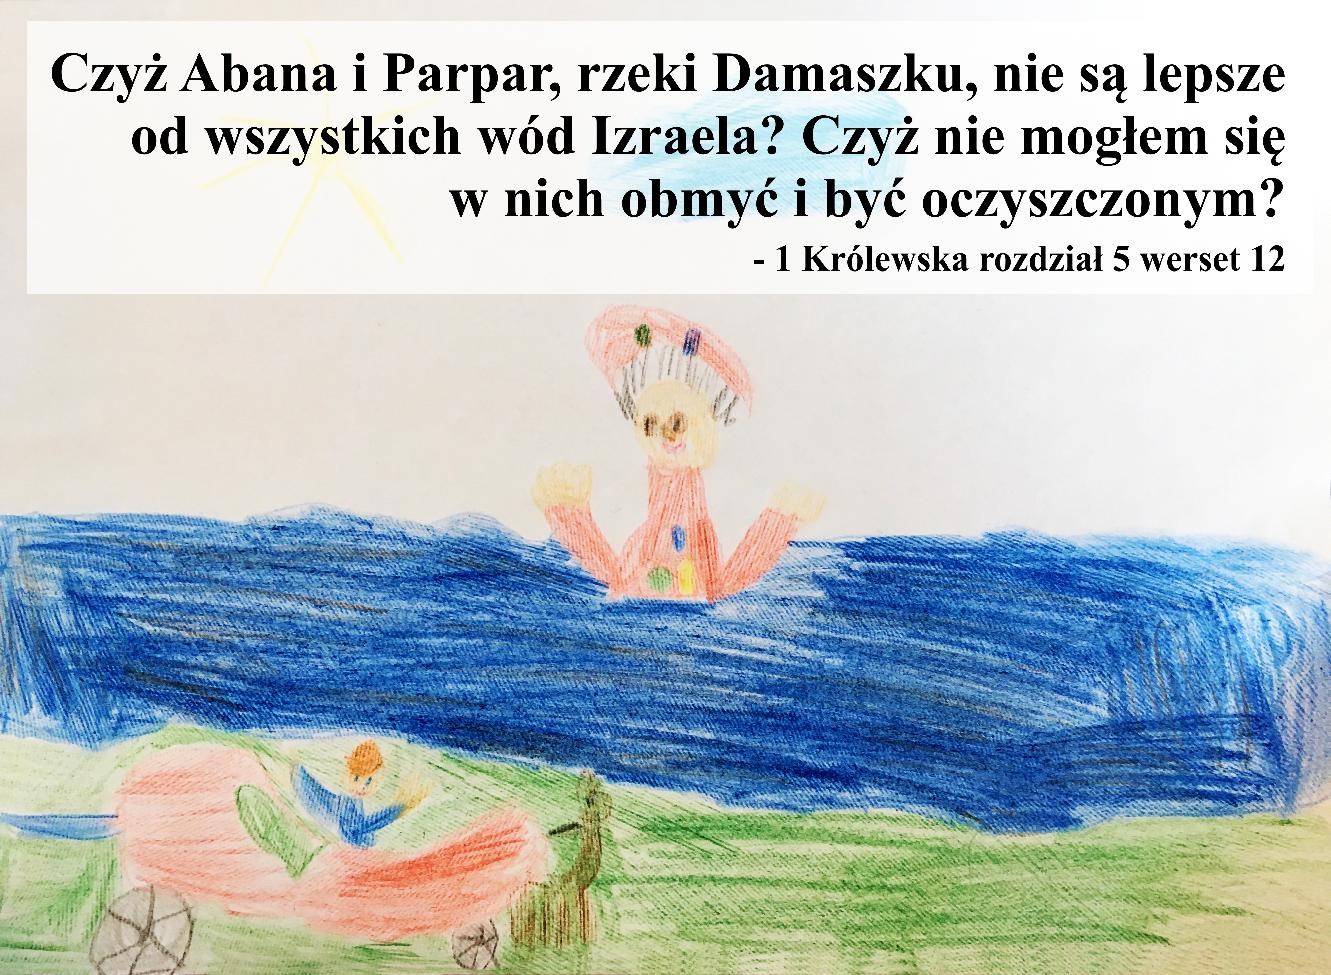 Czyż Abana i Parpar, rzeki Damaszku, nie są lepsze od wszystkich wód Izraela? Czyż nie mogłem się w nich obmyć i być oczyszczonym?